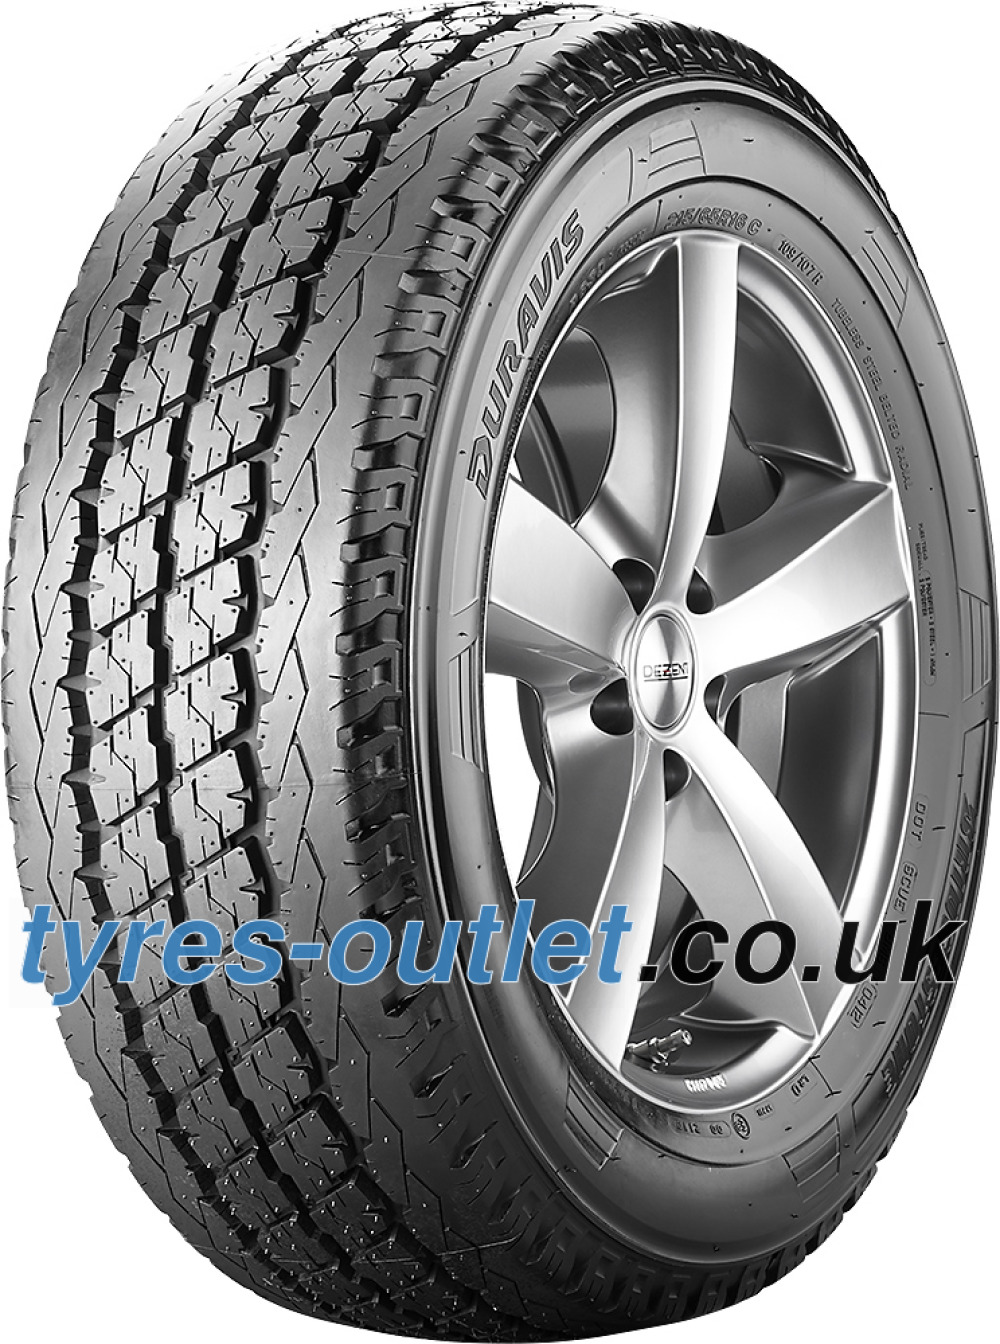 Bridgestone Duravis R 630 ( 185/75 R14C 102/100R )